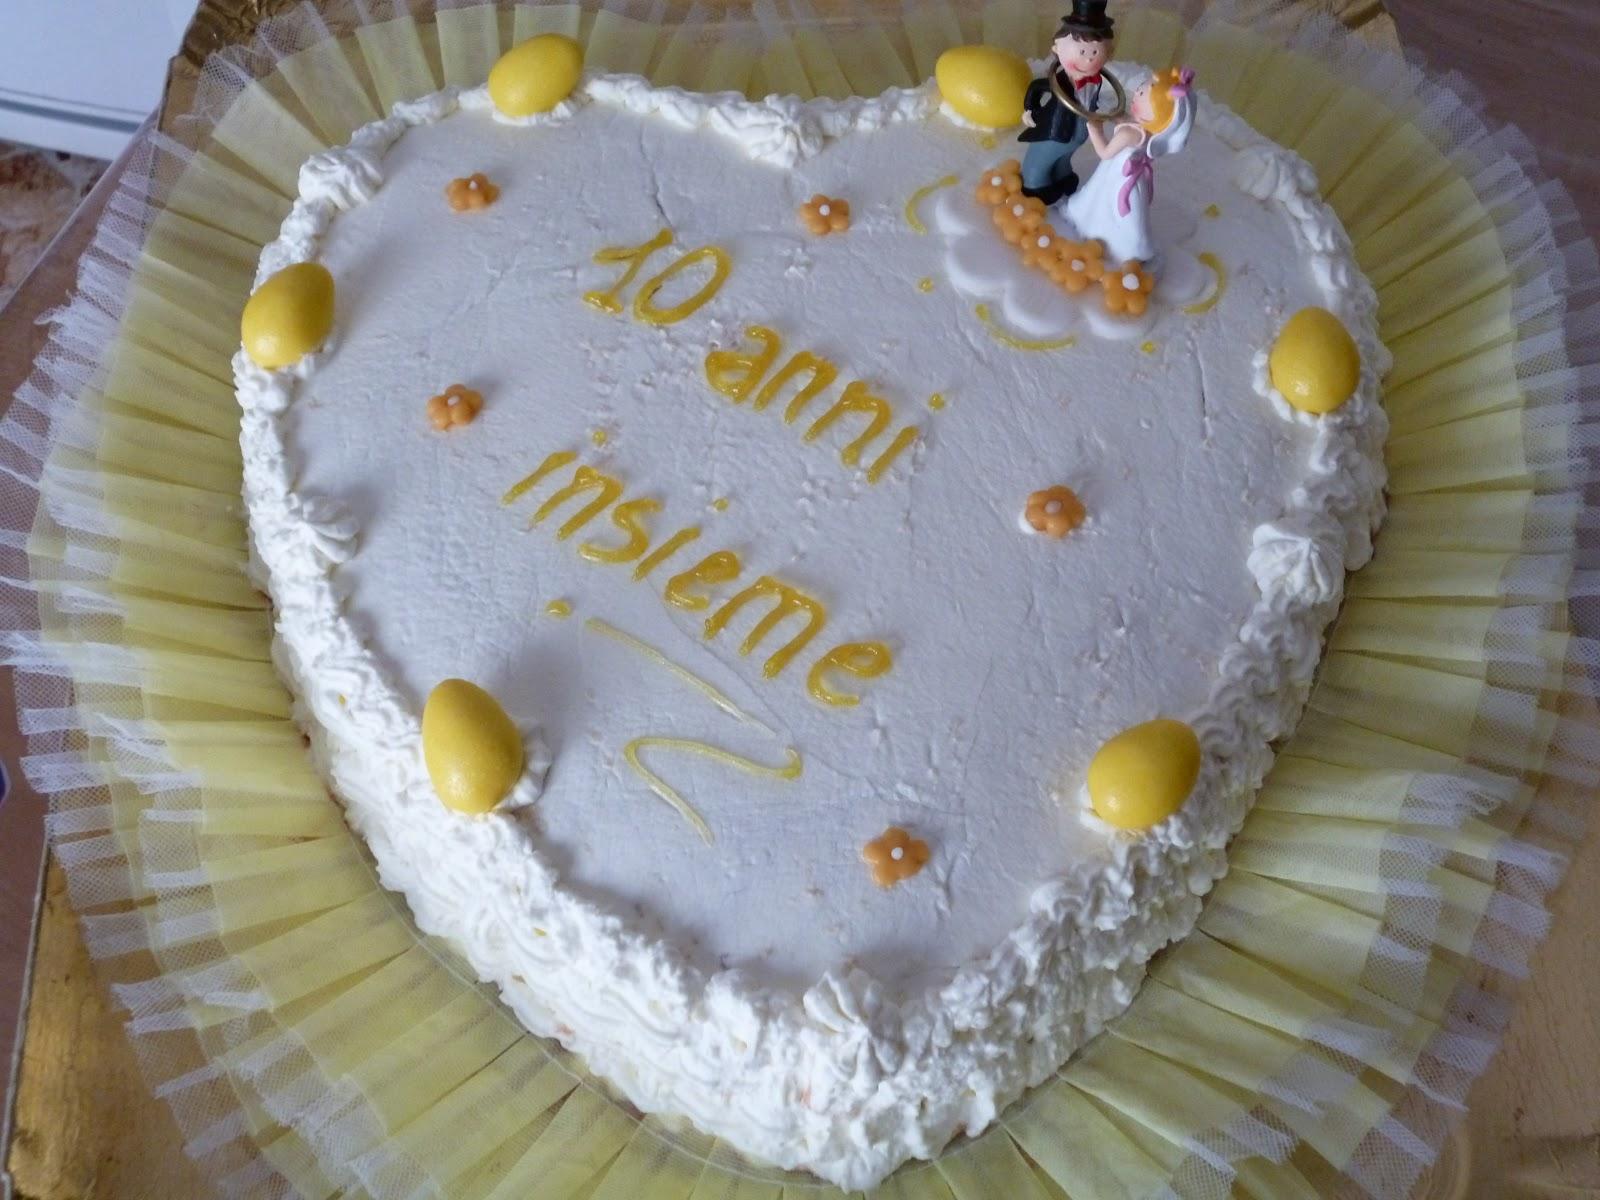 Popolare TORTA NOZZE DI STAGNO: 10 ANNI DI MATRIMONIO | Dolci note VP54